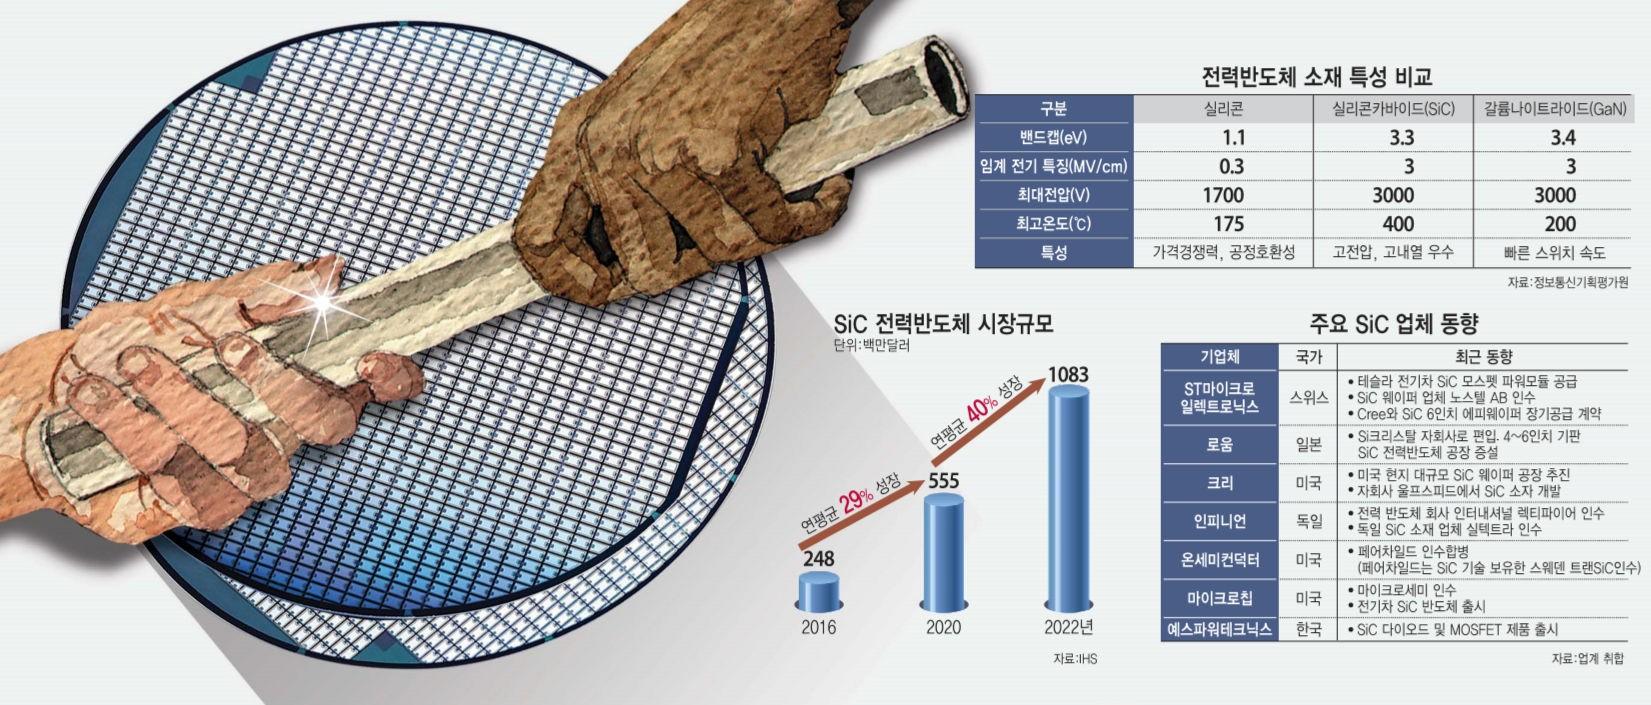 [이슈분석] 반도체 업계, SiC 전력 반도체 주도권 경쟁 가열